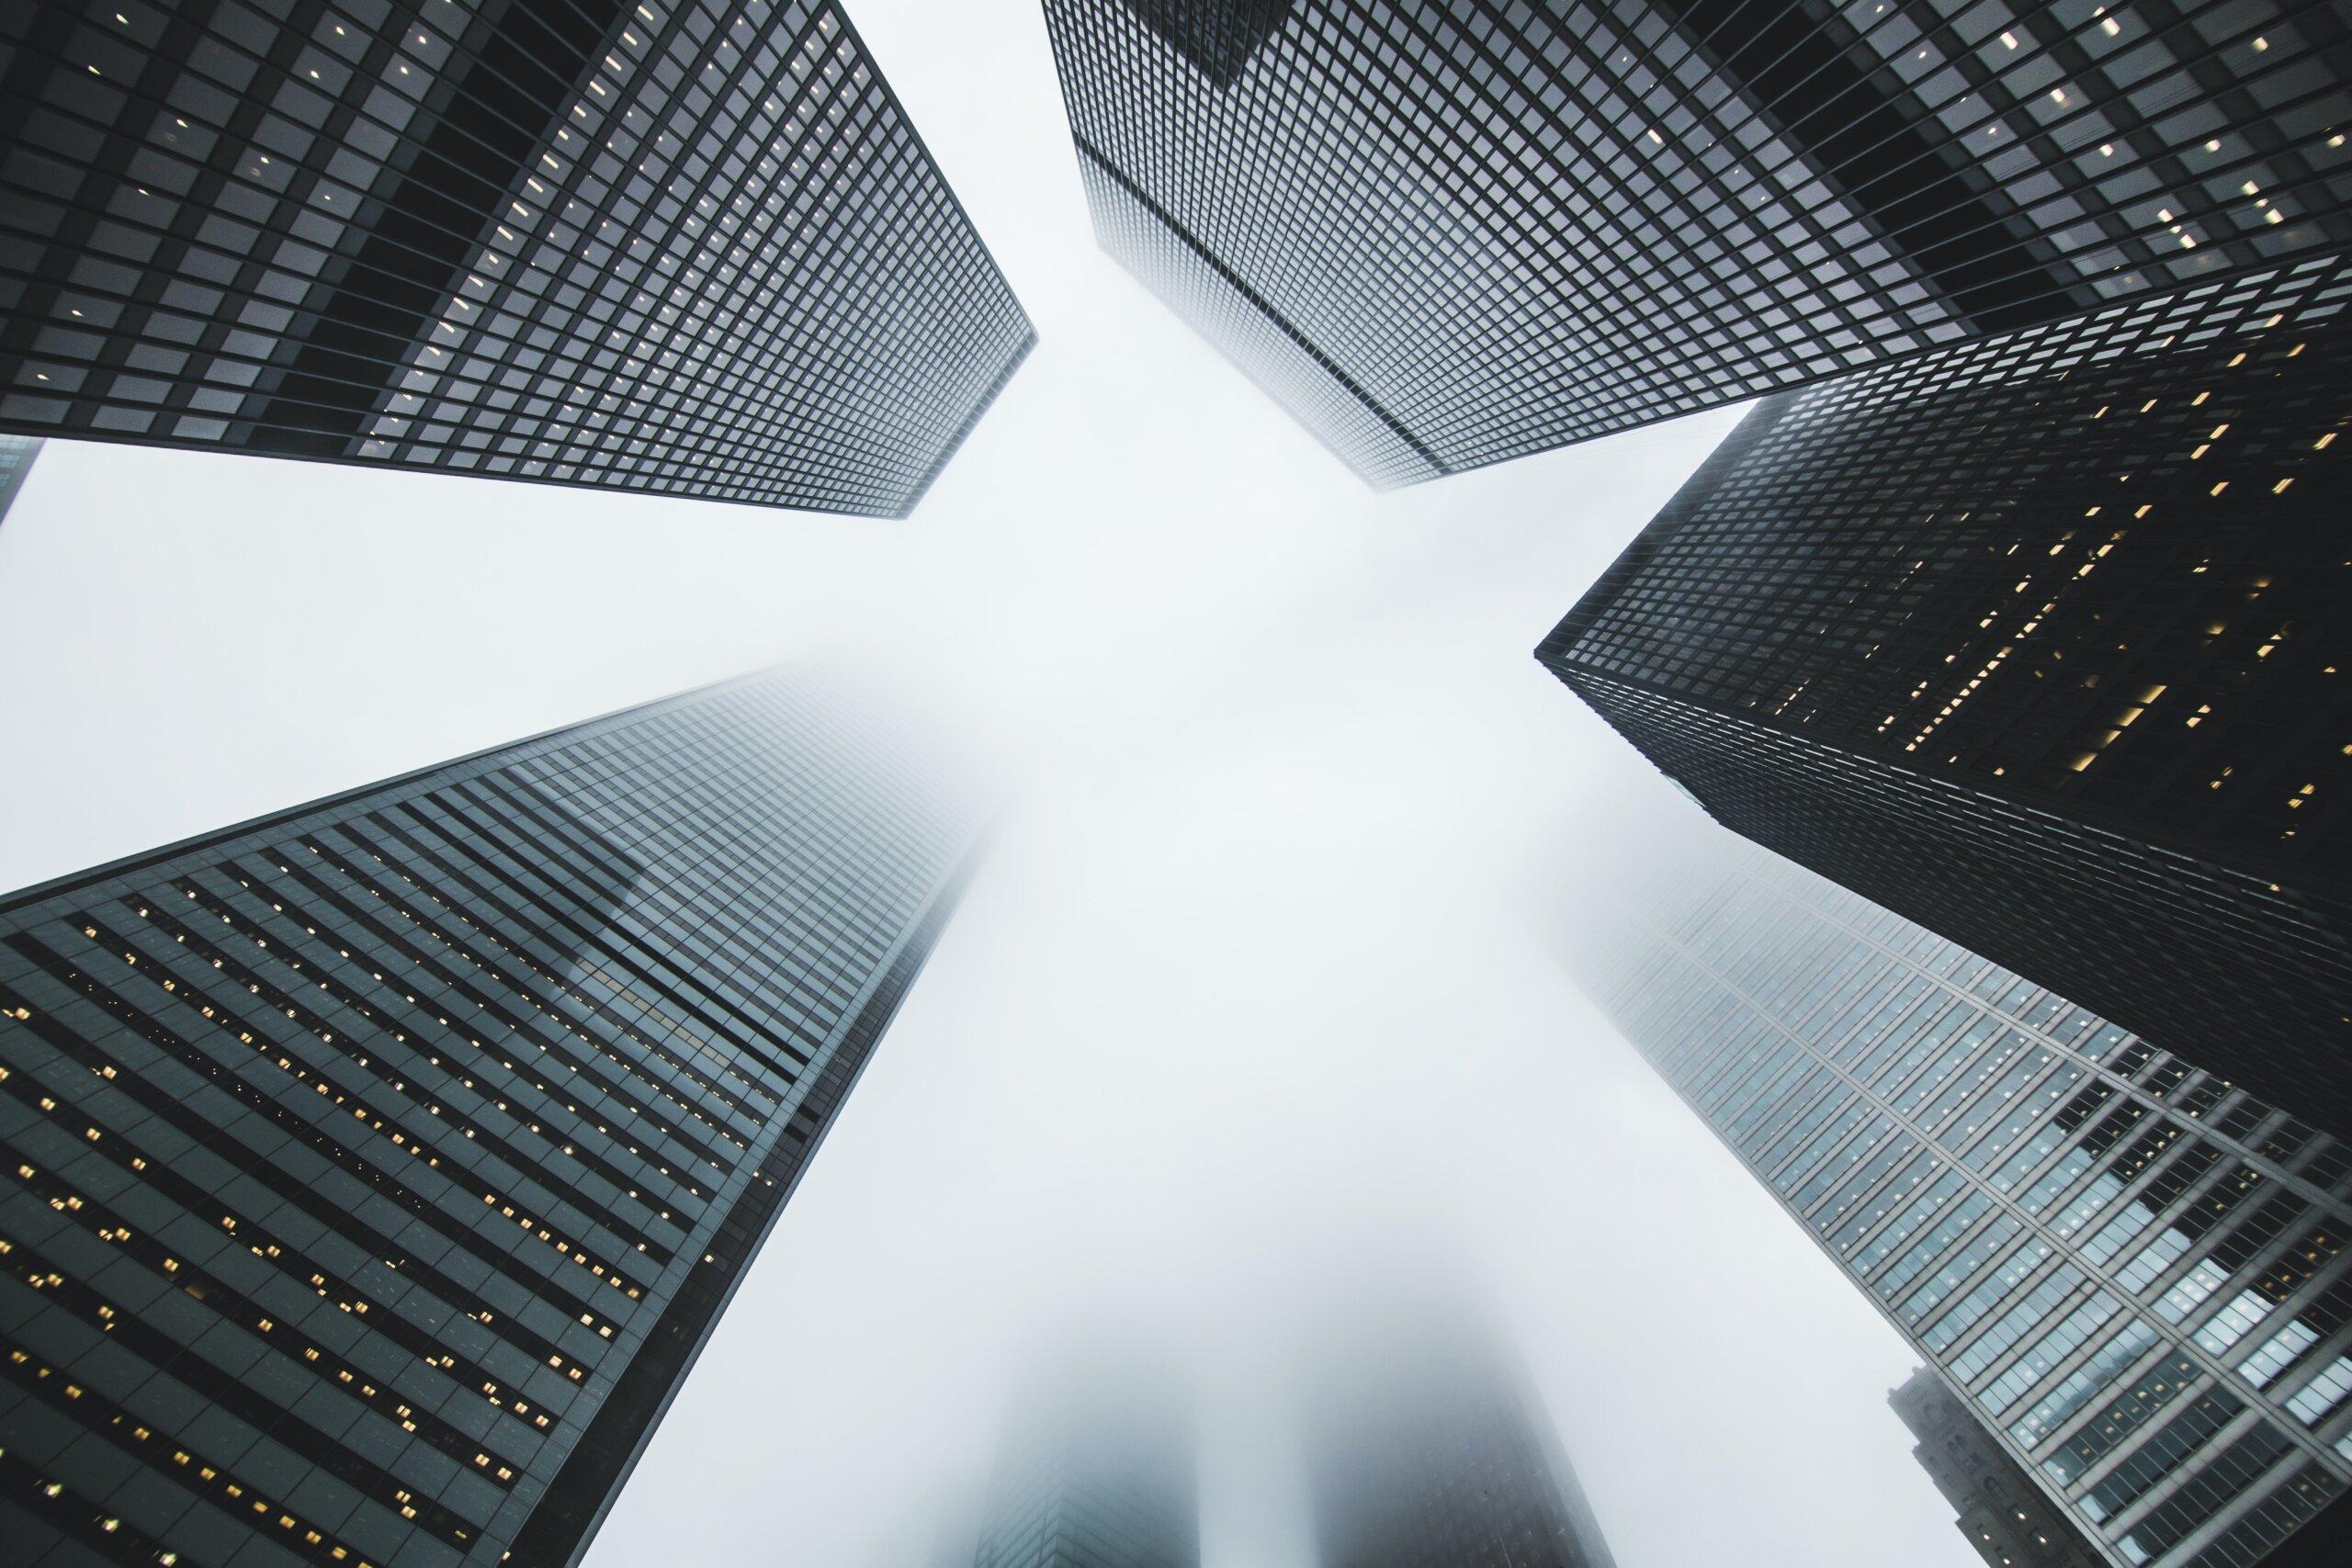 米大手金融機関がS&P500見通し大幅上方修正